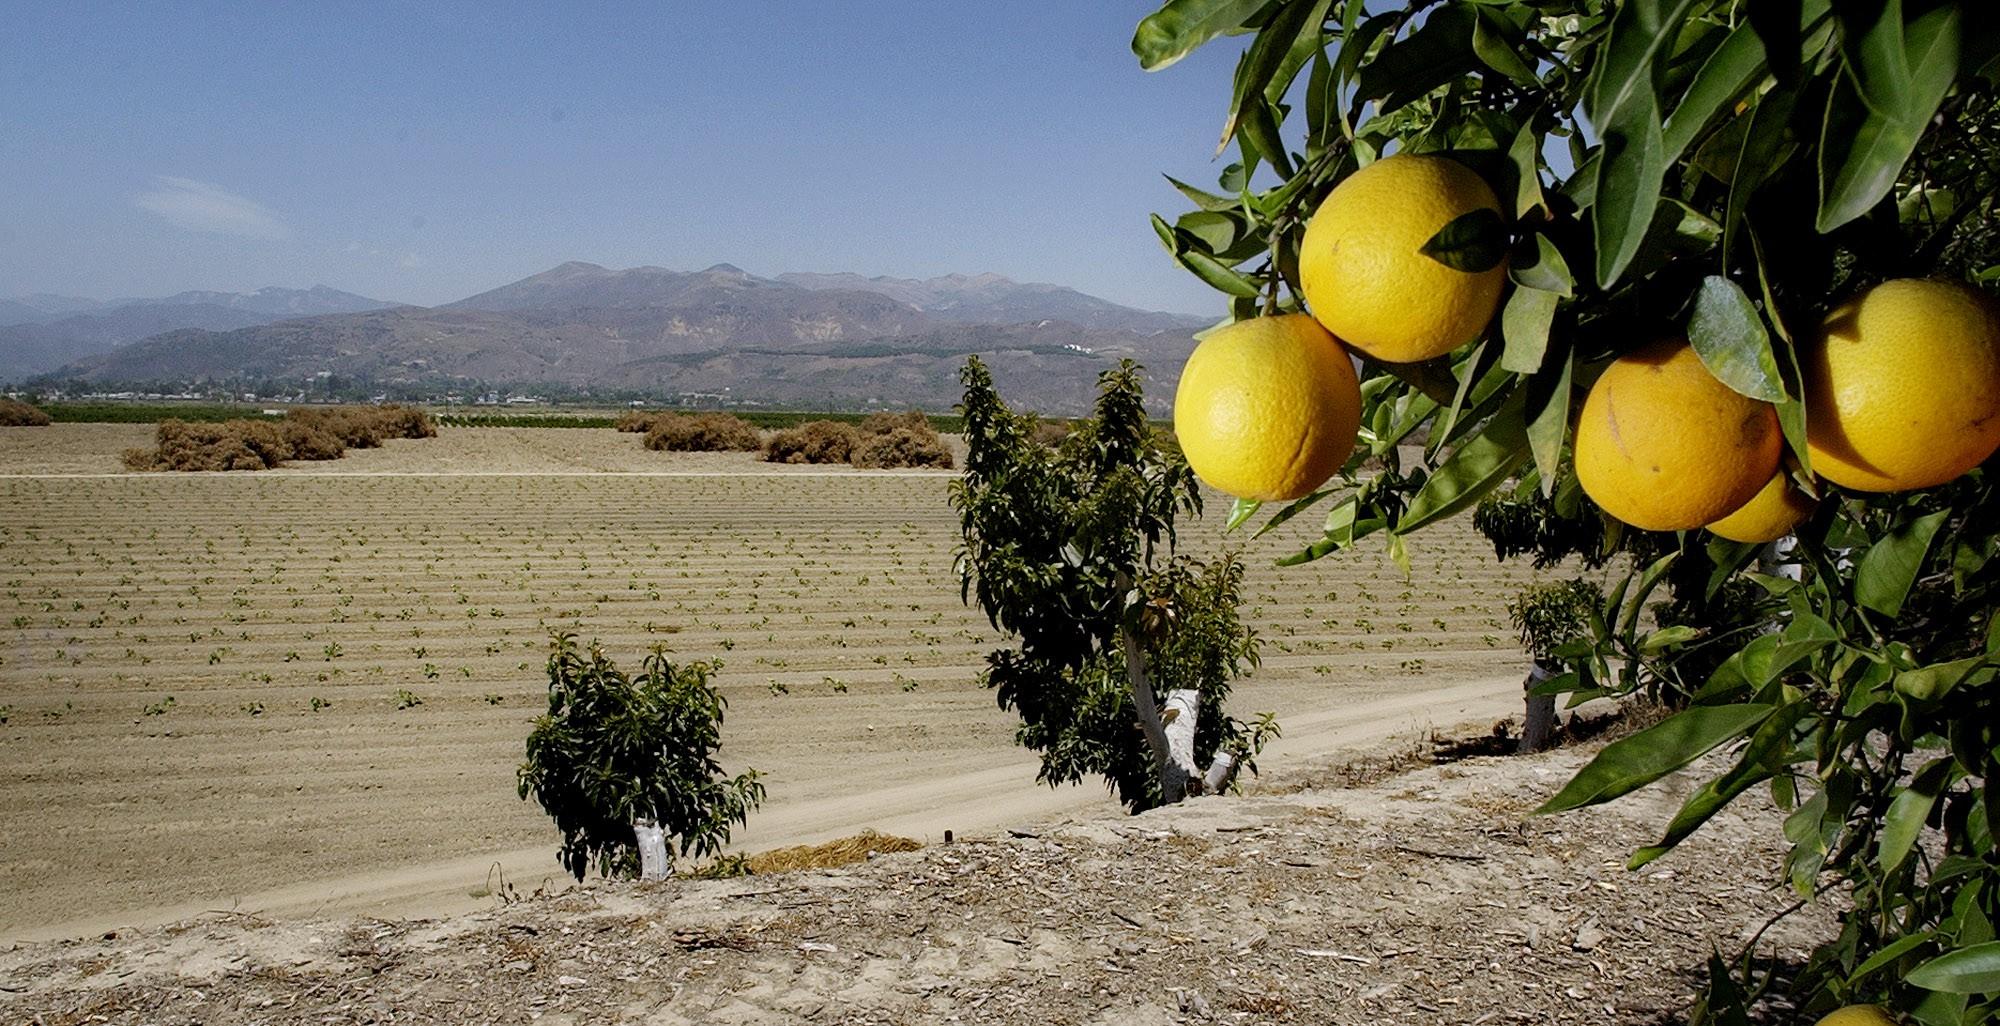 Valencia oranges in California